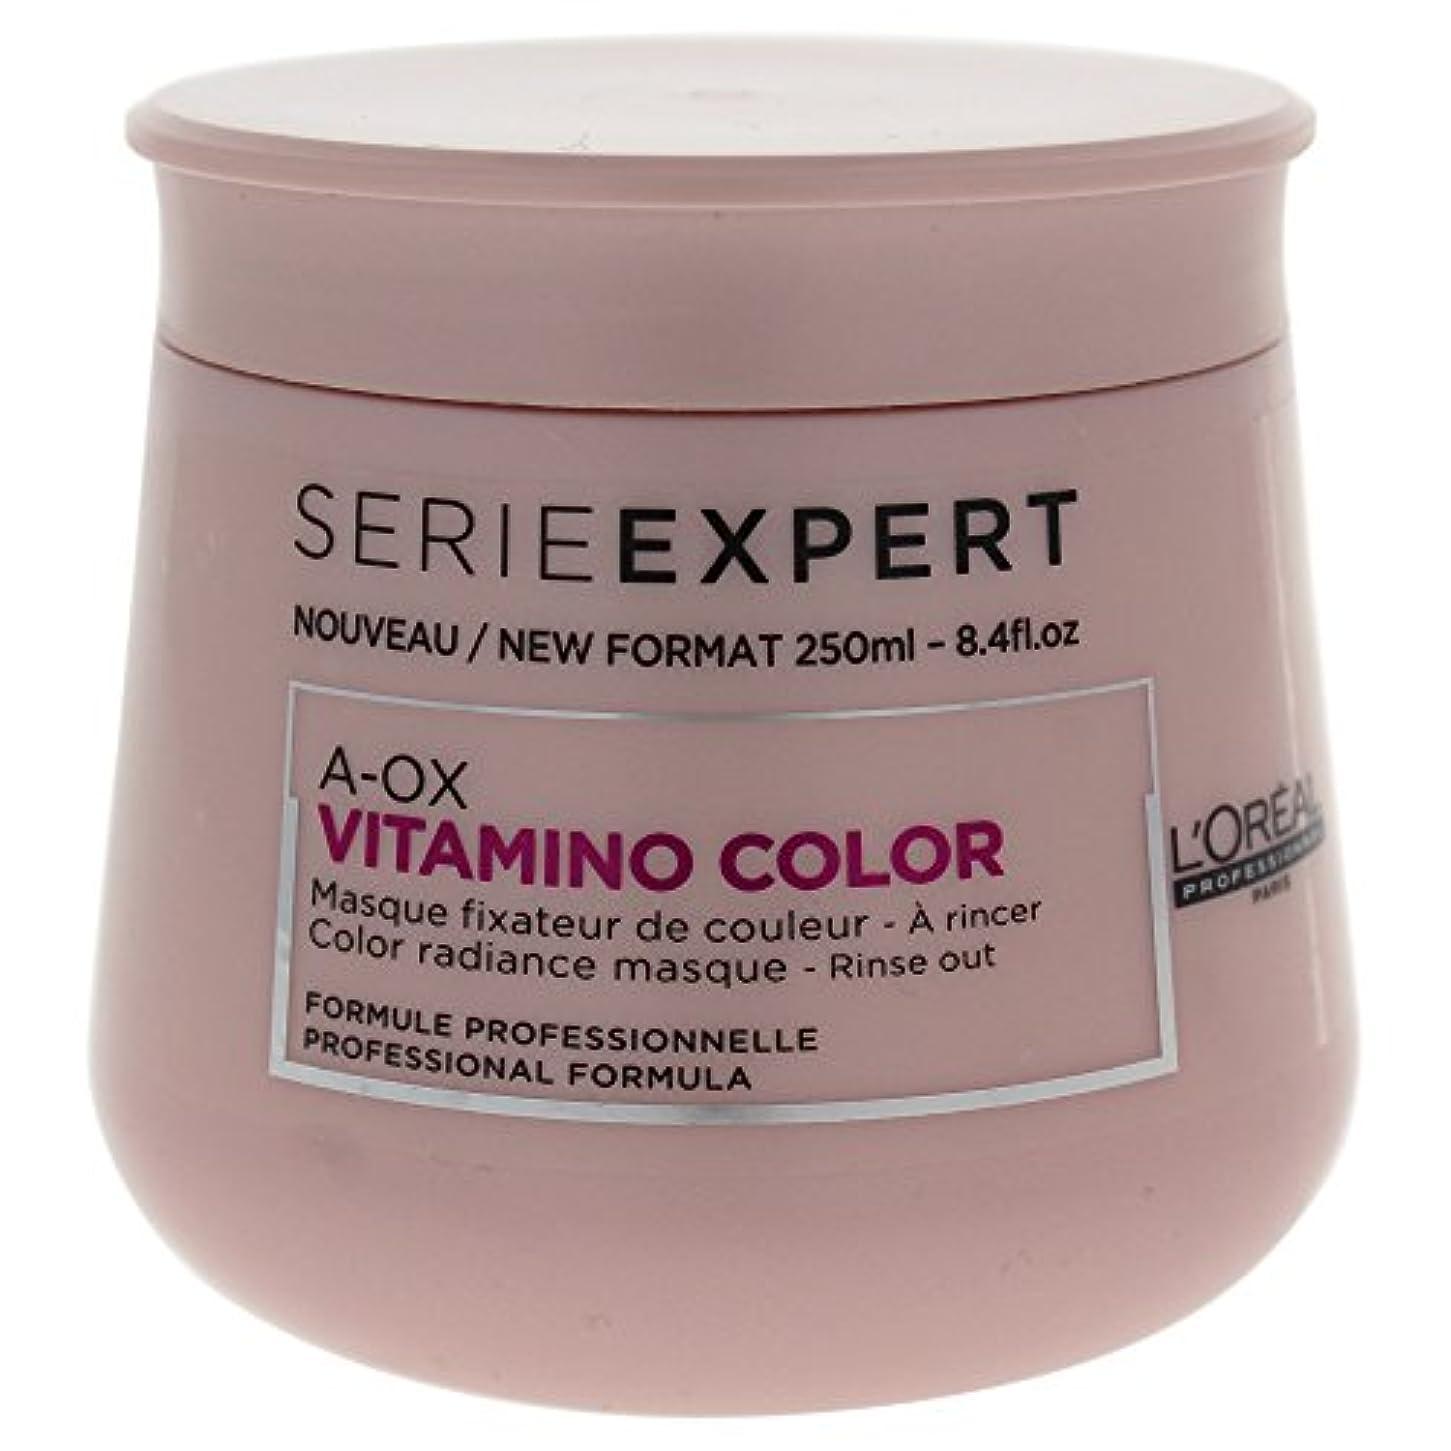 たぶん必要とする不信L'Oreal Serie Expert A-OX VITAMINO COLOR Color Radiance Masque 250 ml [並行輸入品]